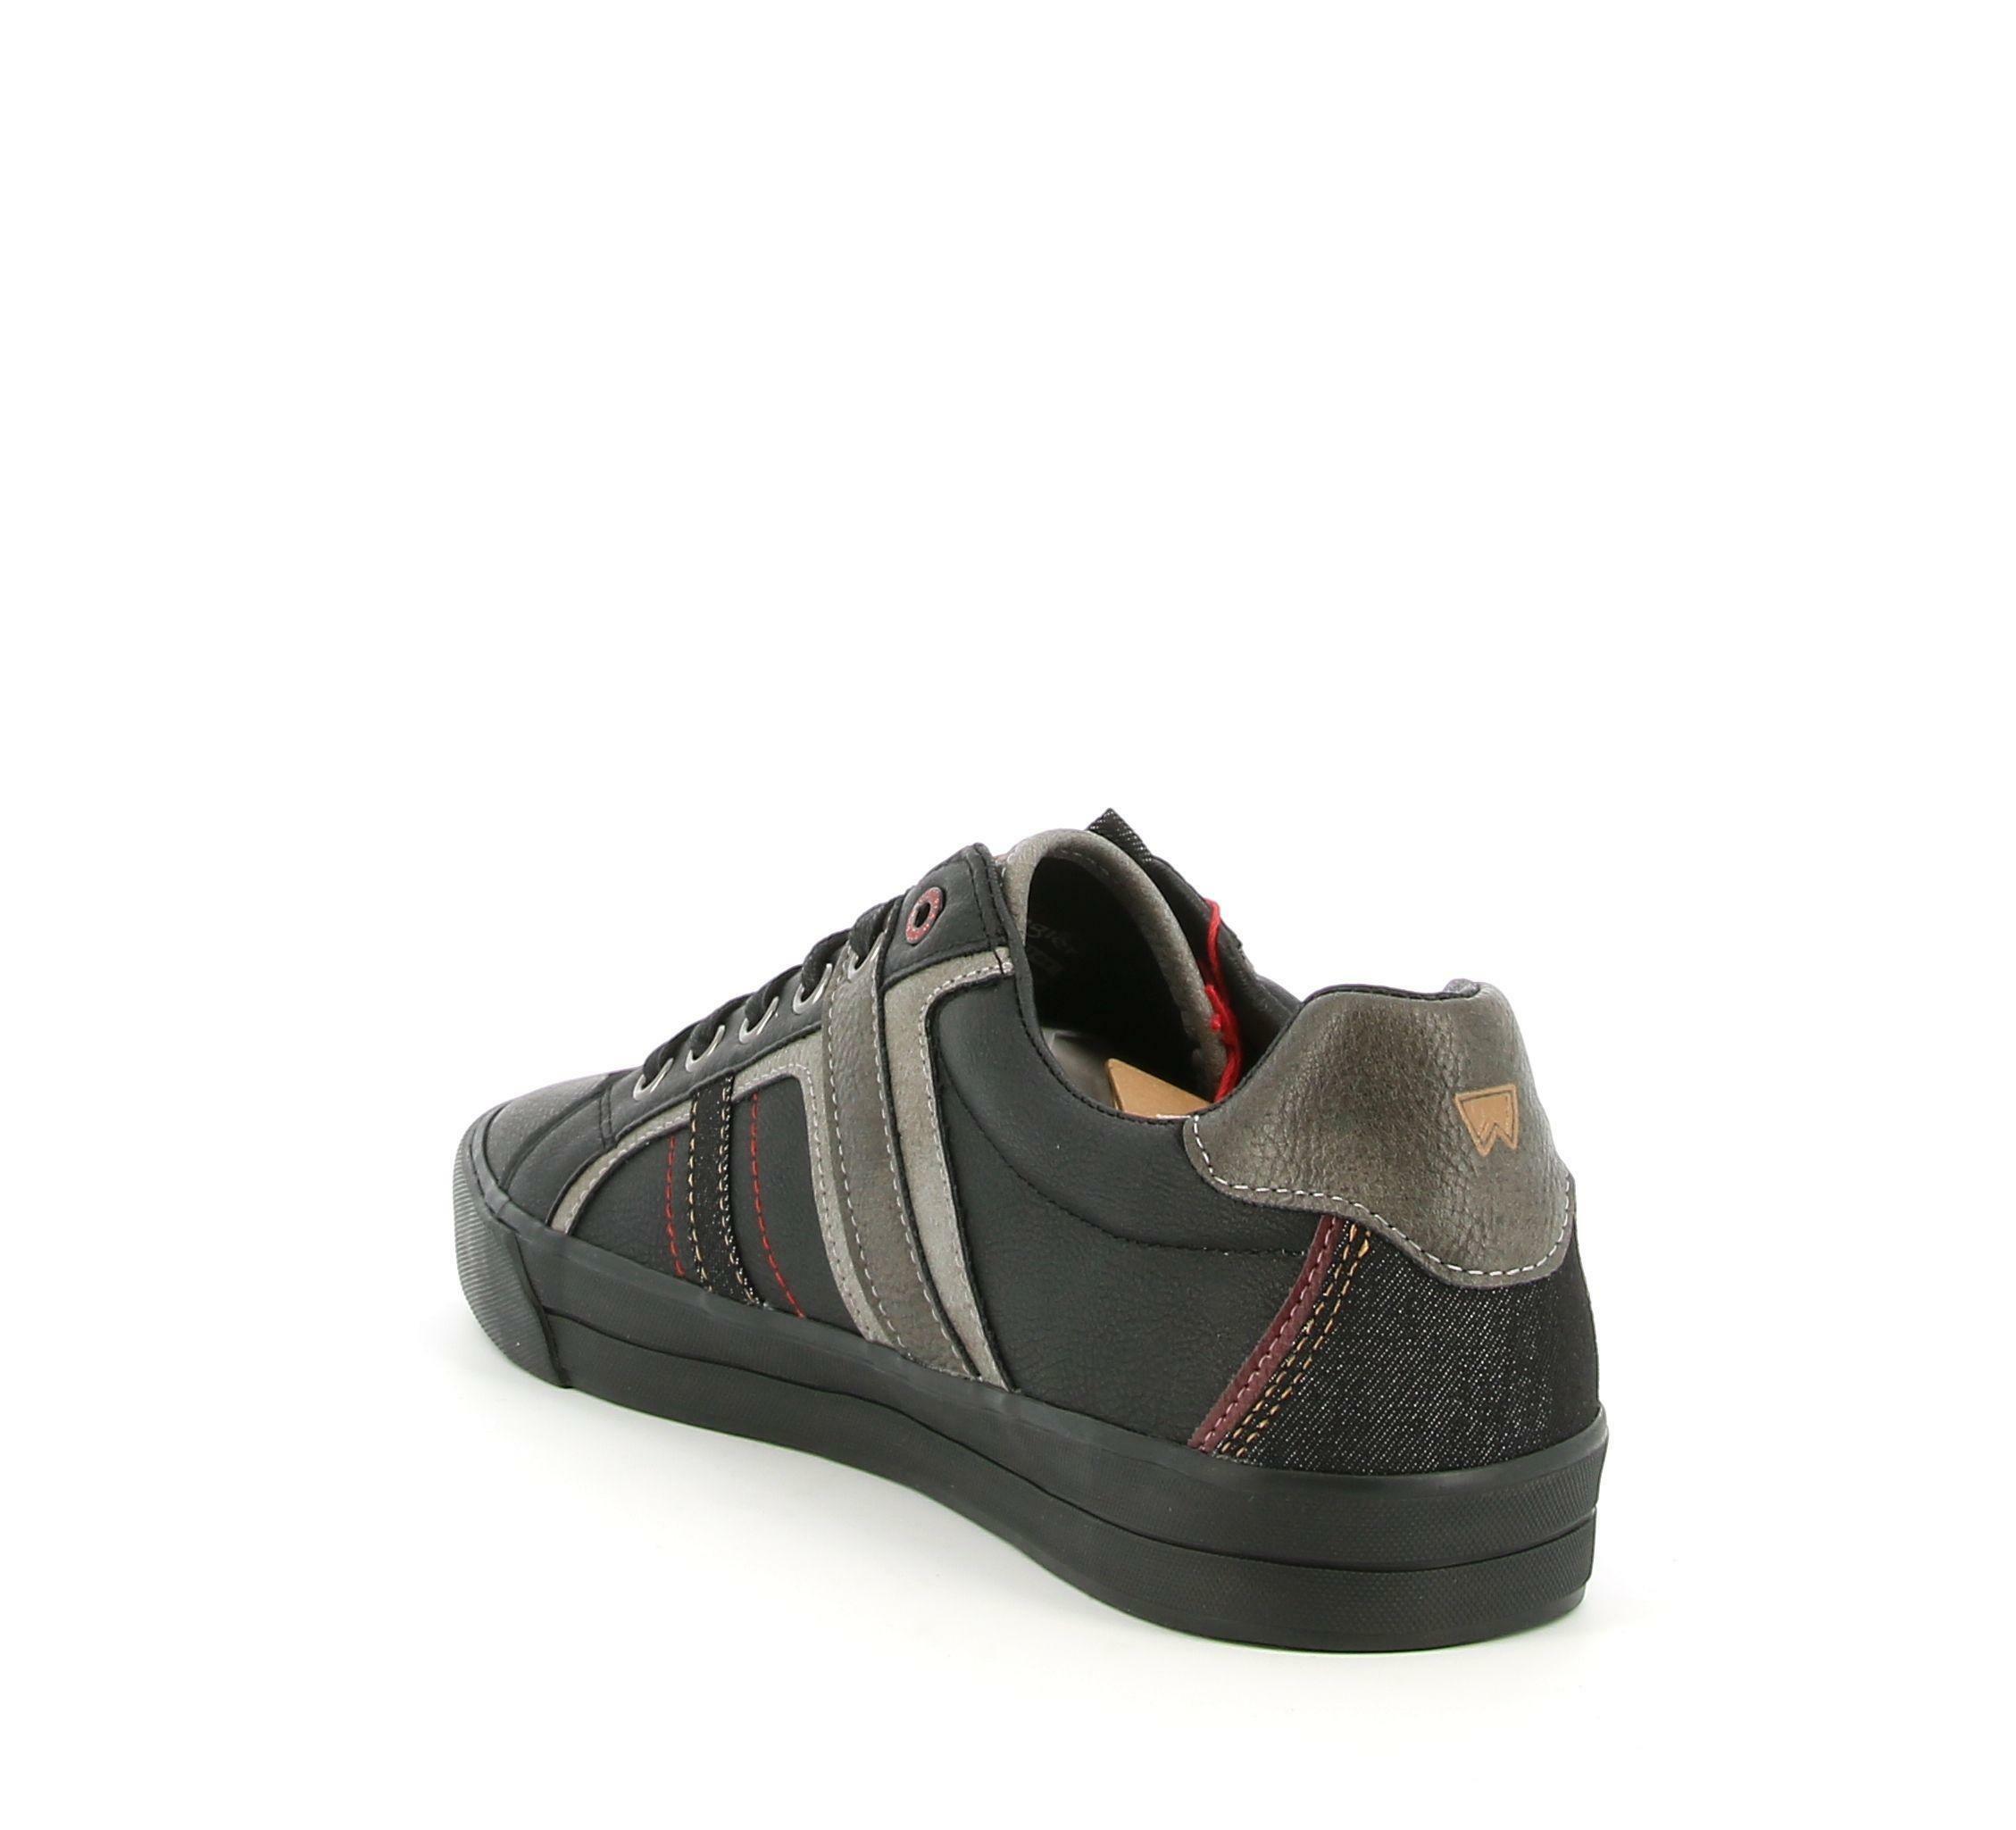 wrangler wrangler sneakers pacific derby wm02131a bassa da uomo nero